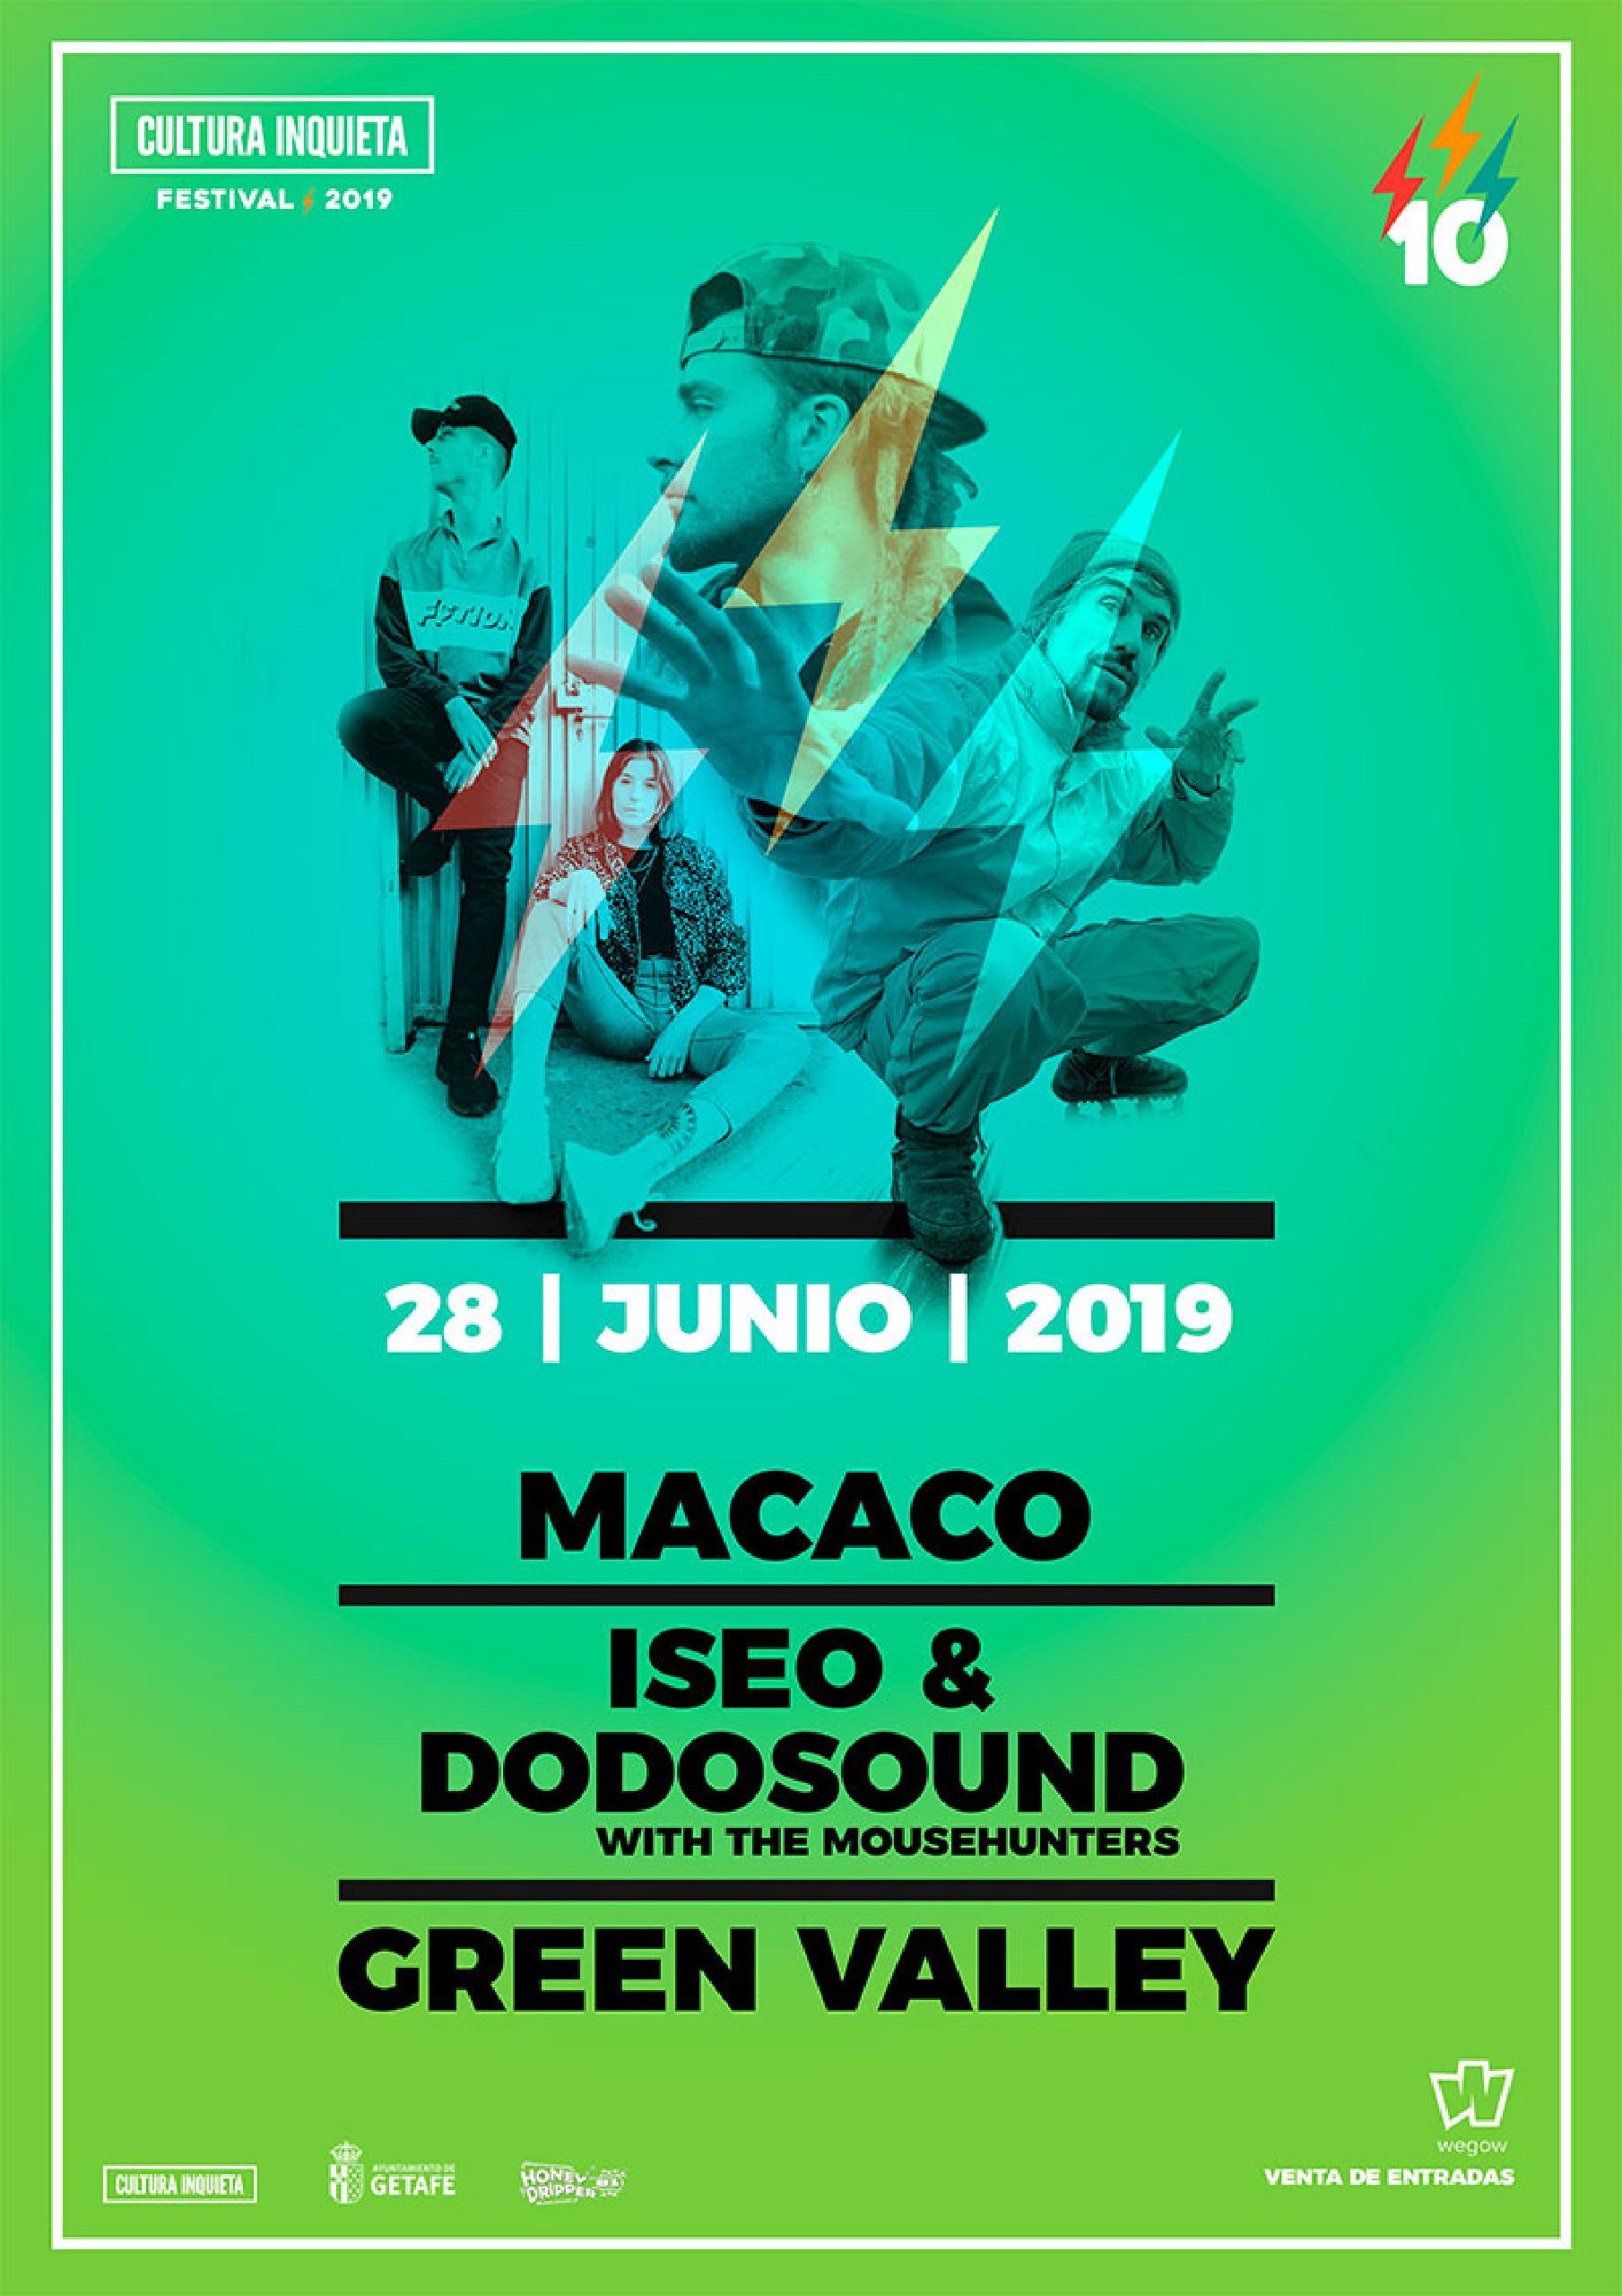 Viernes 28 junio de 2019